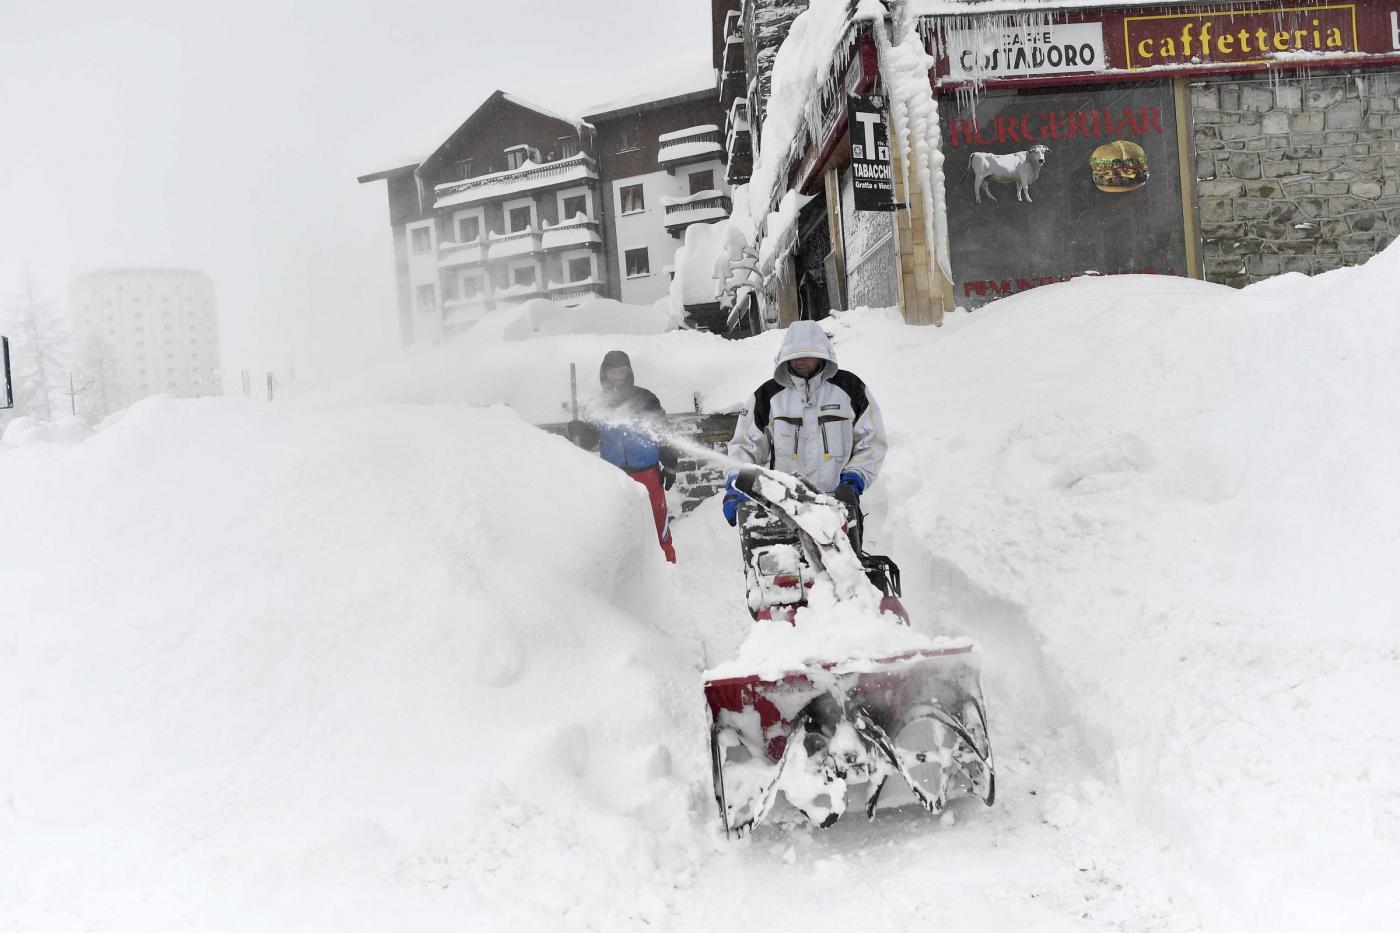 Maltempo, nella notte sono caduti circa due metri di neve sul Colle di Sestriere